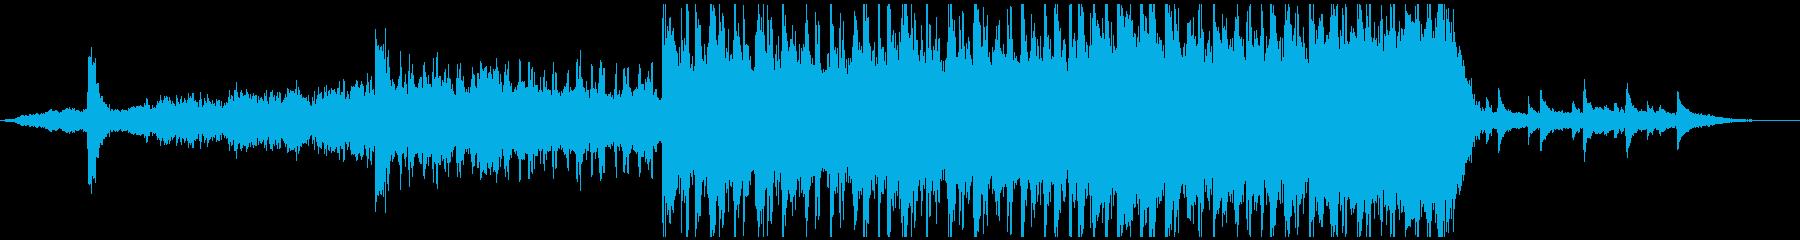 現代的 交響曲 アンビエント バト...の再生済みの波形